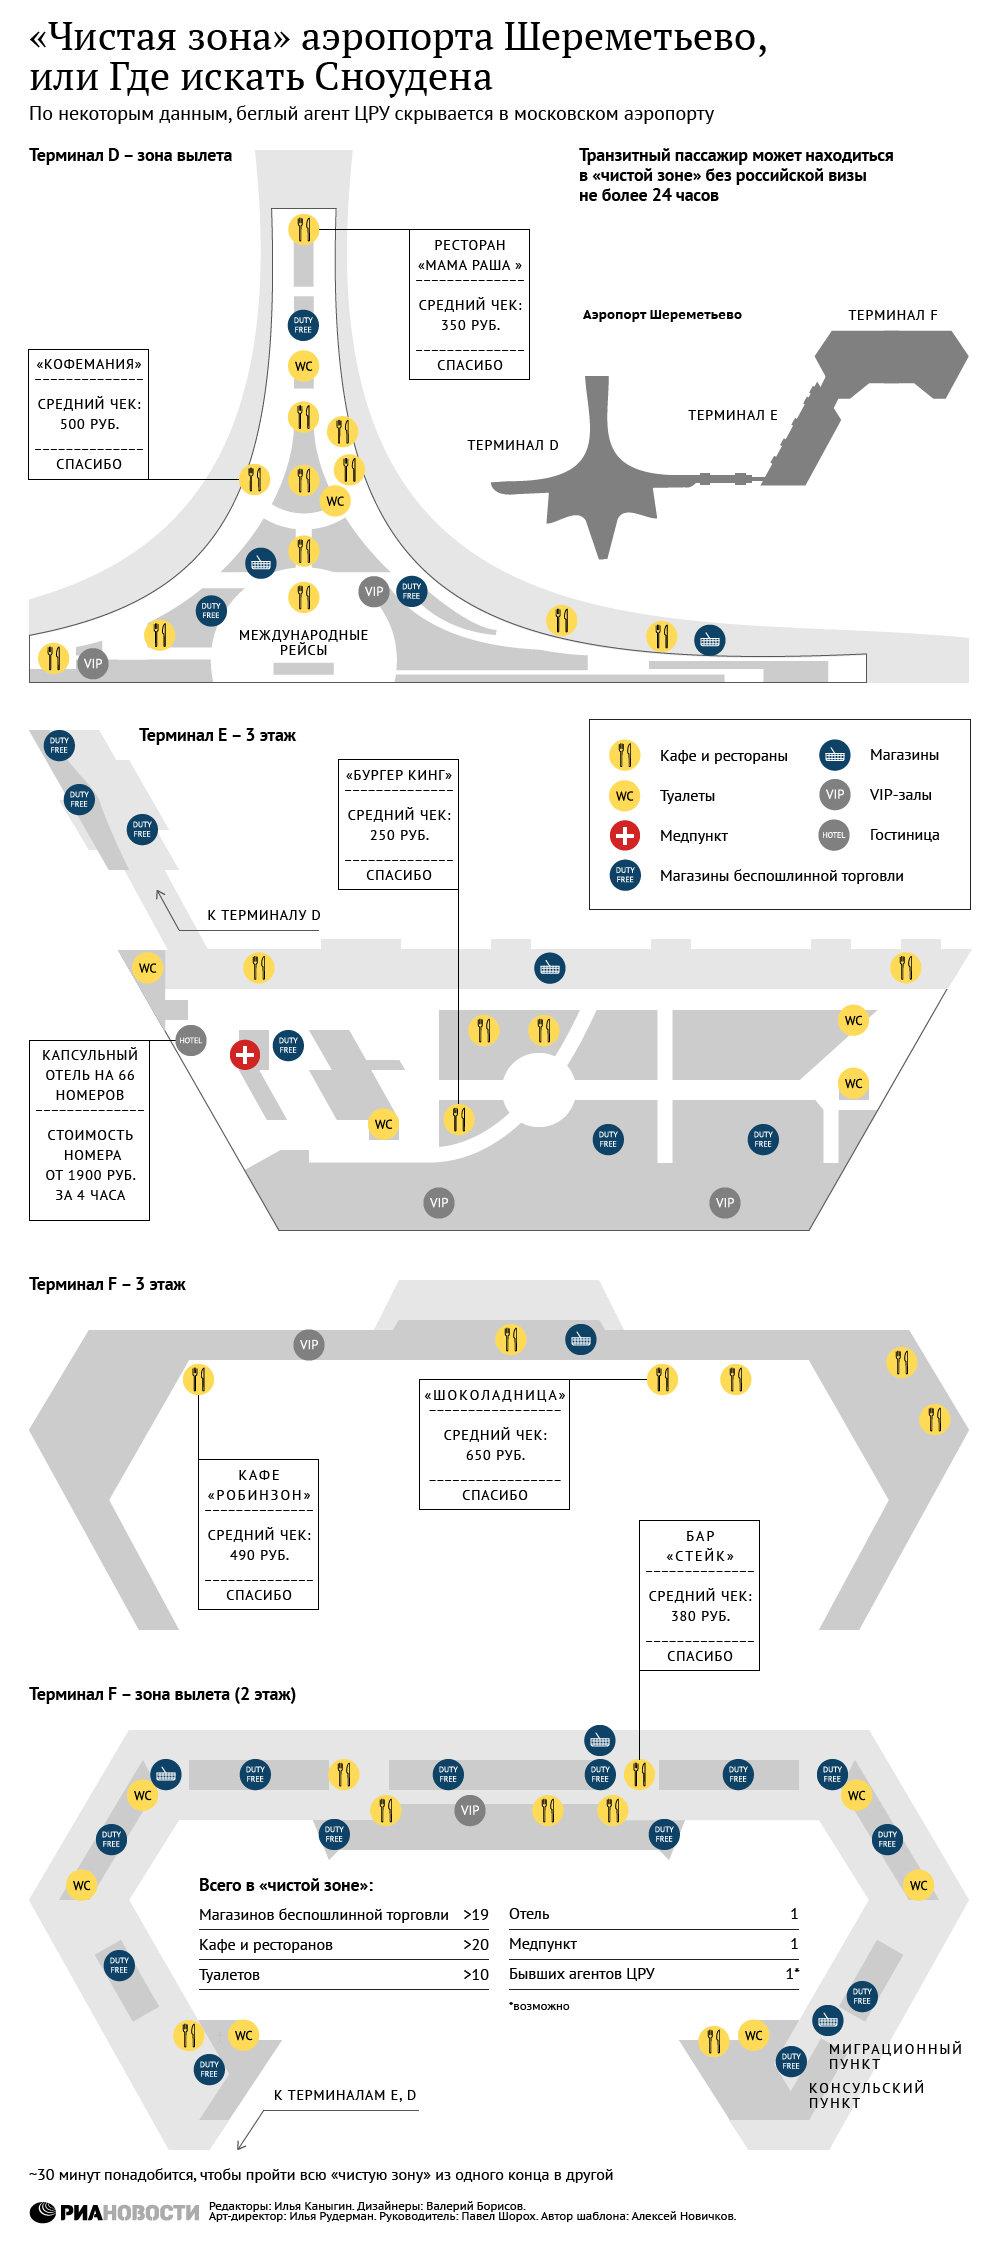 Чистая зона аэропорта Шереметьево